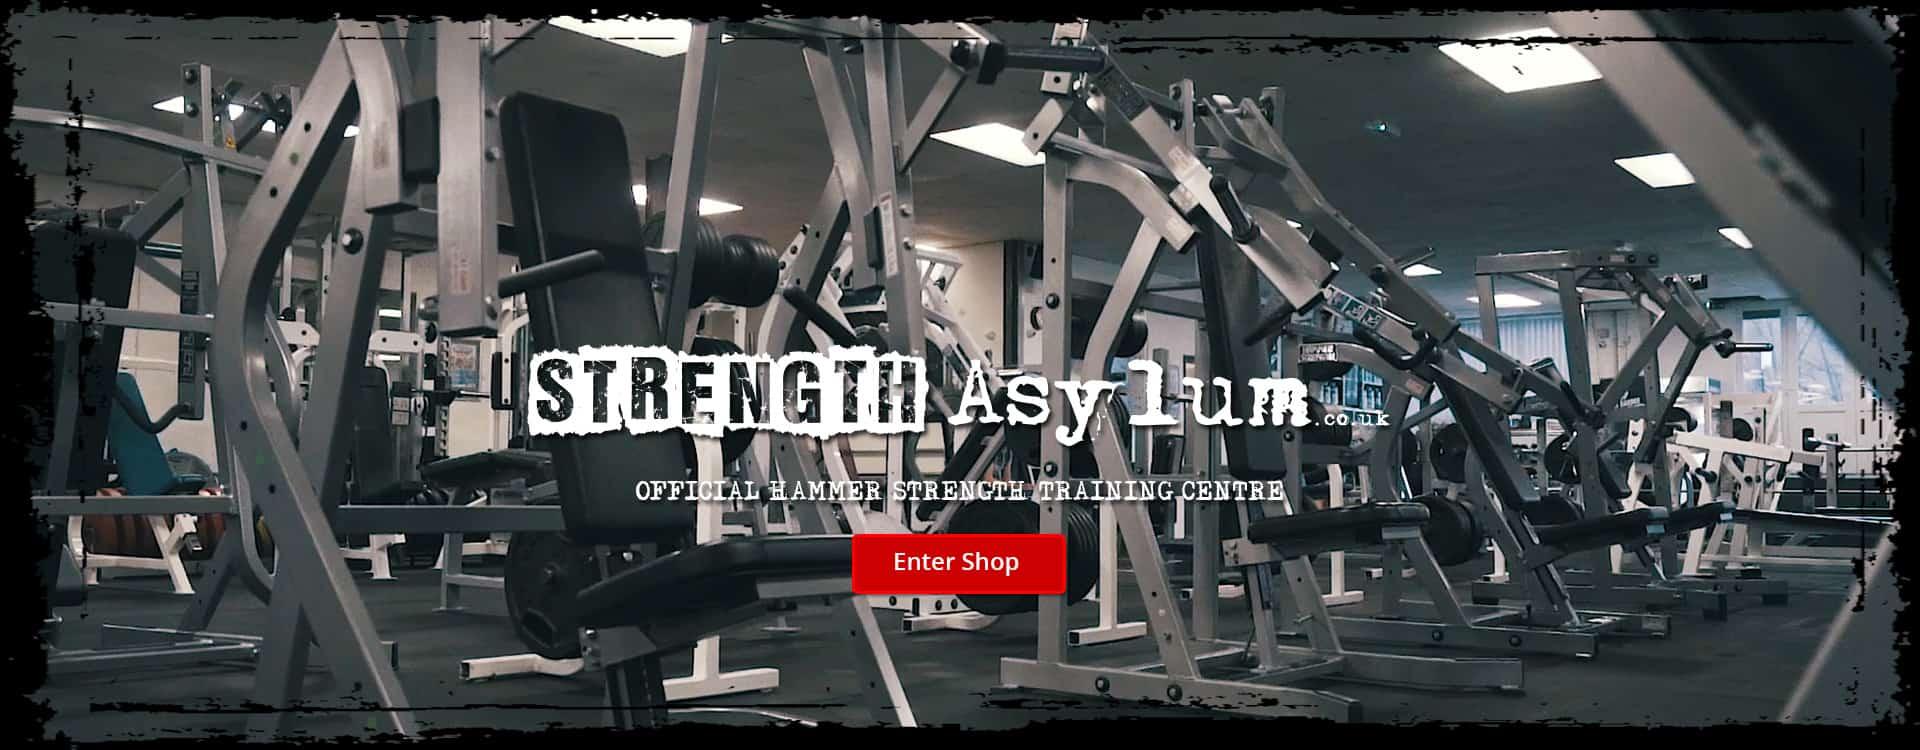 http://www.strengthasylum.co.uk/wp-content/uploads/2017/02/feb-banner-2.jpg